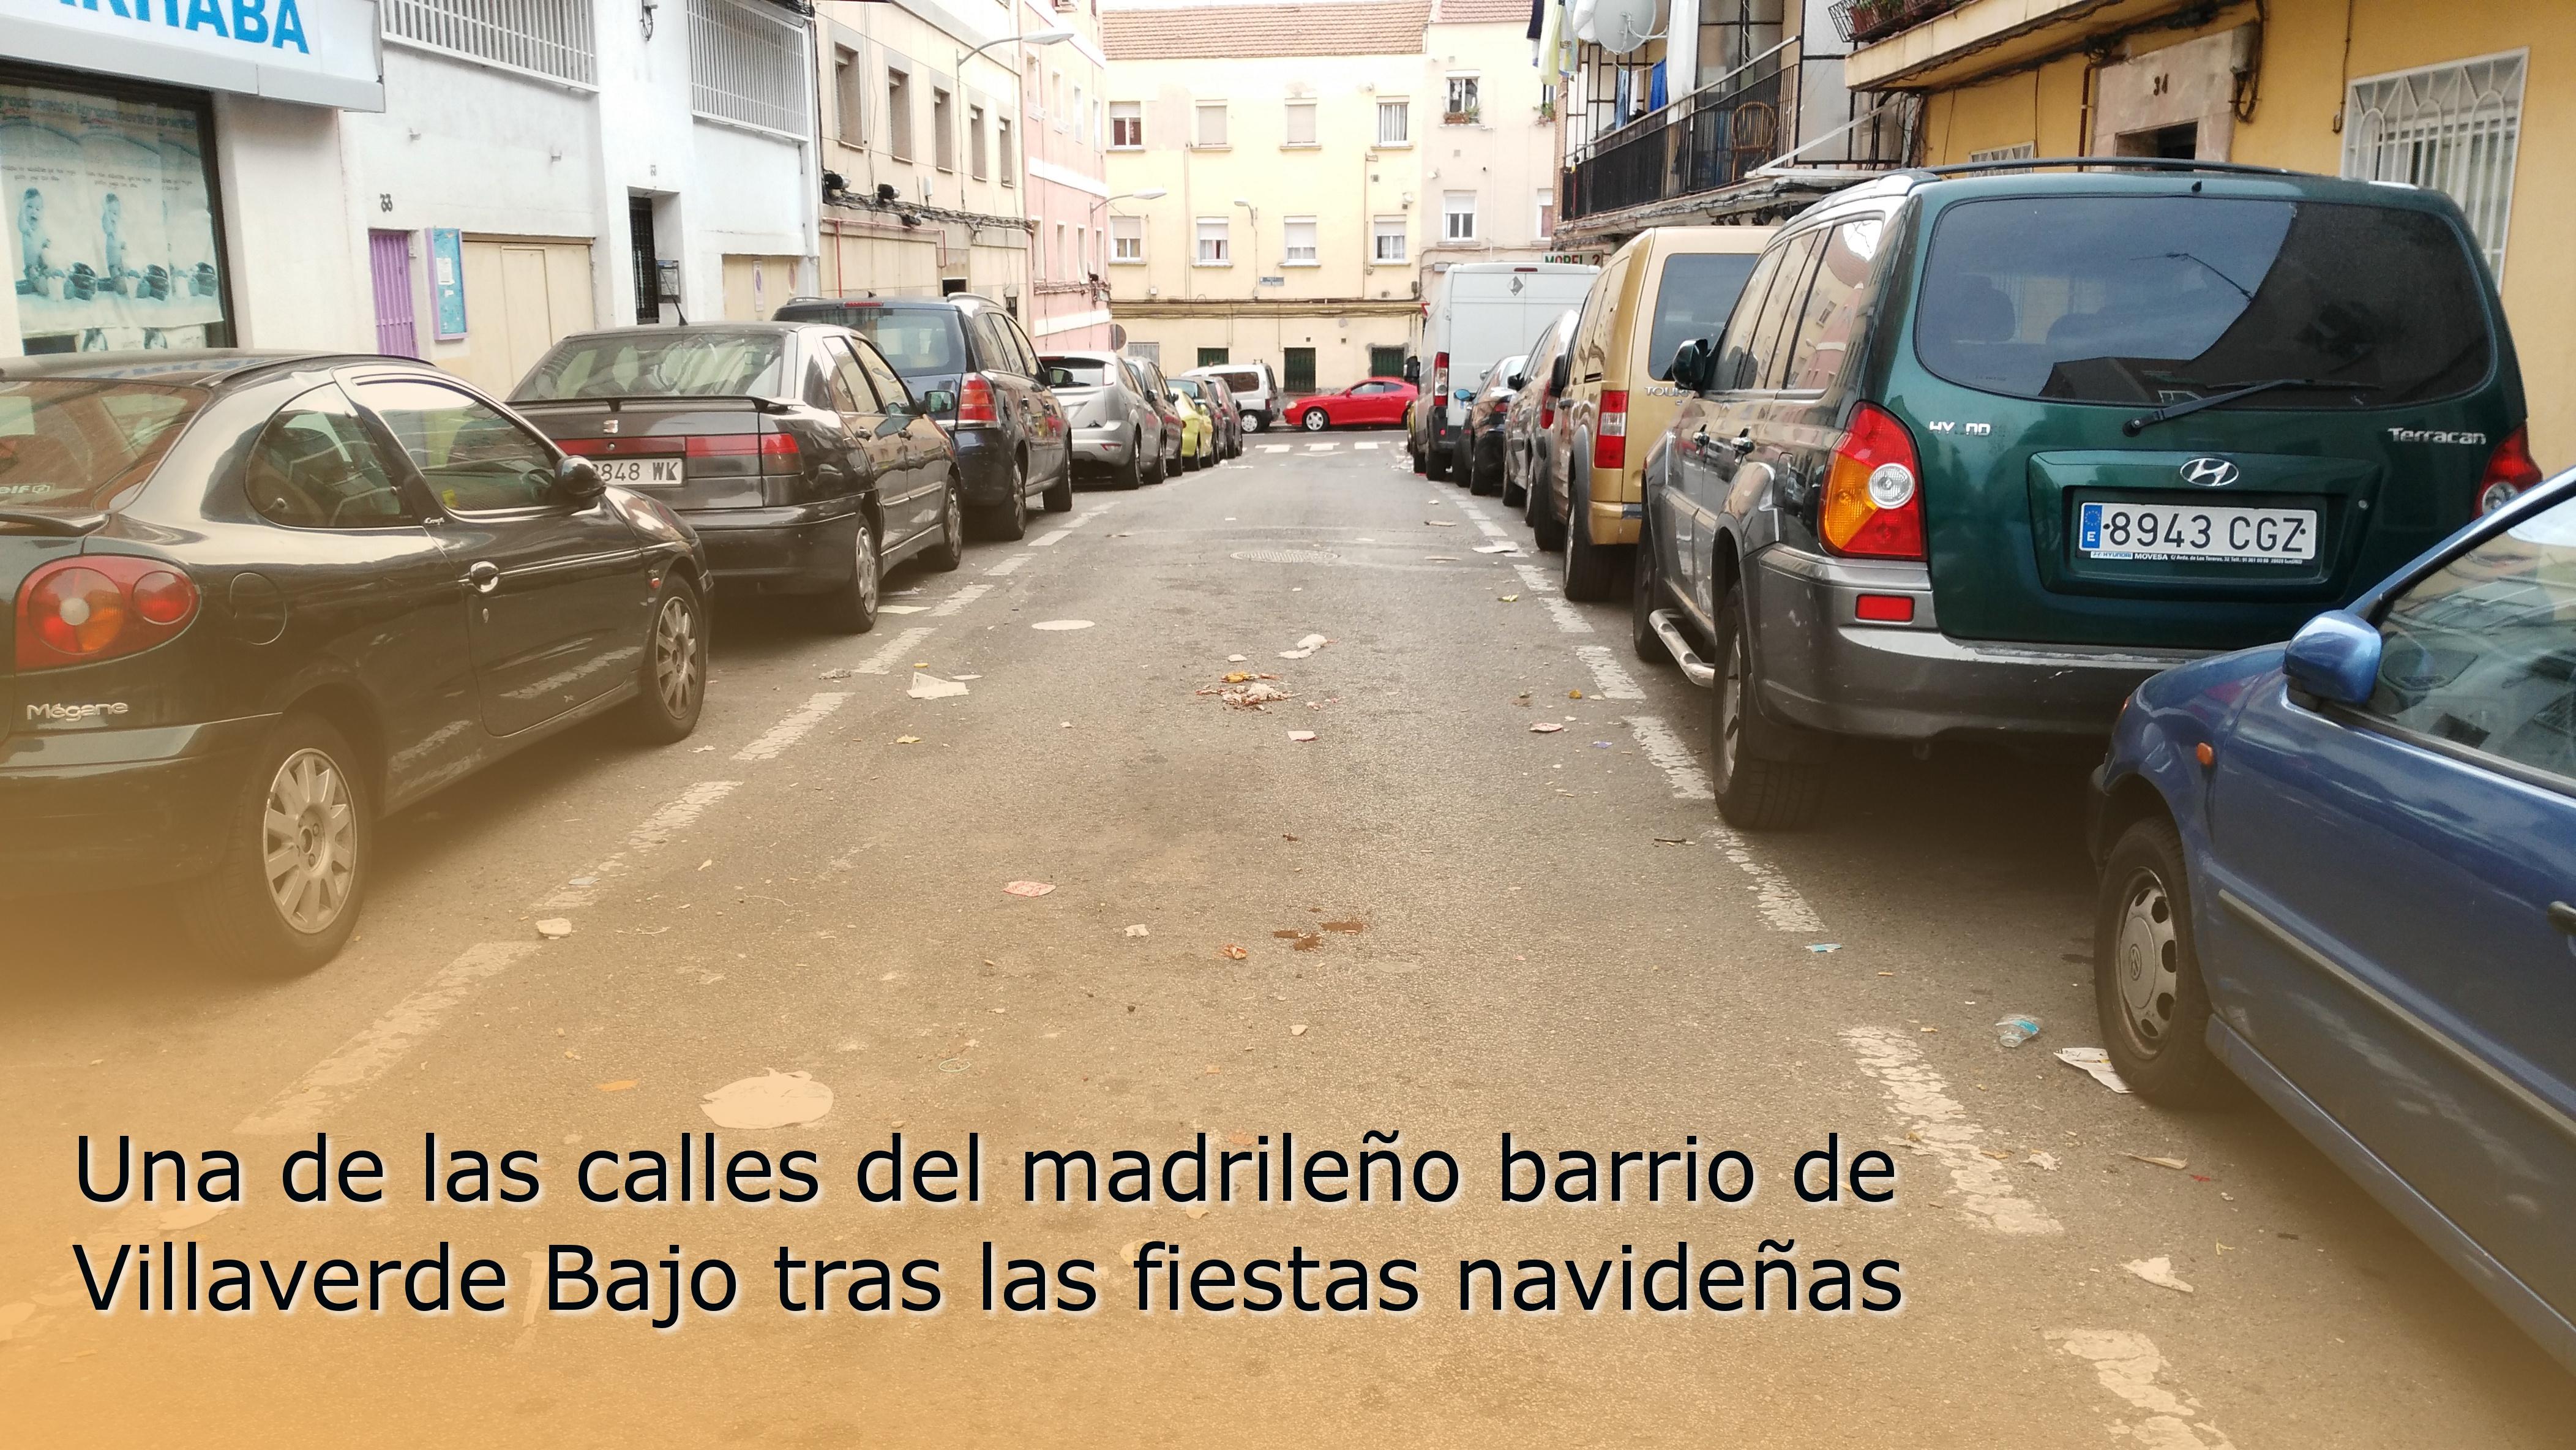 REPORTAJE: MADRID AGONIZA TRAS SIETE MESES DE CRISIS DE BASURAS